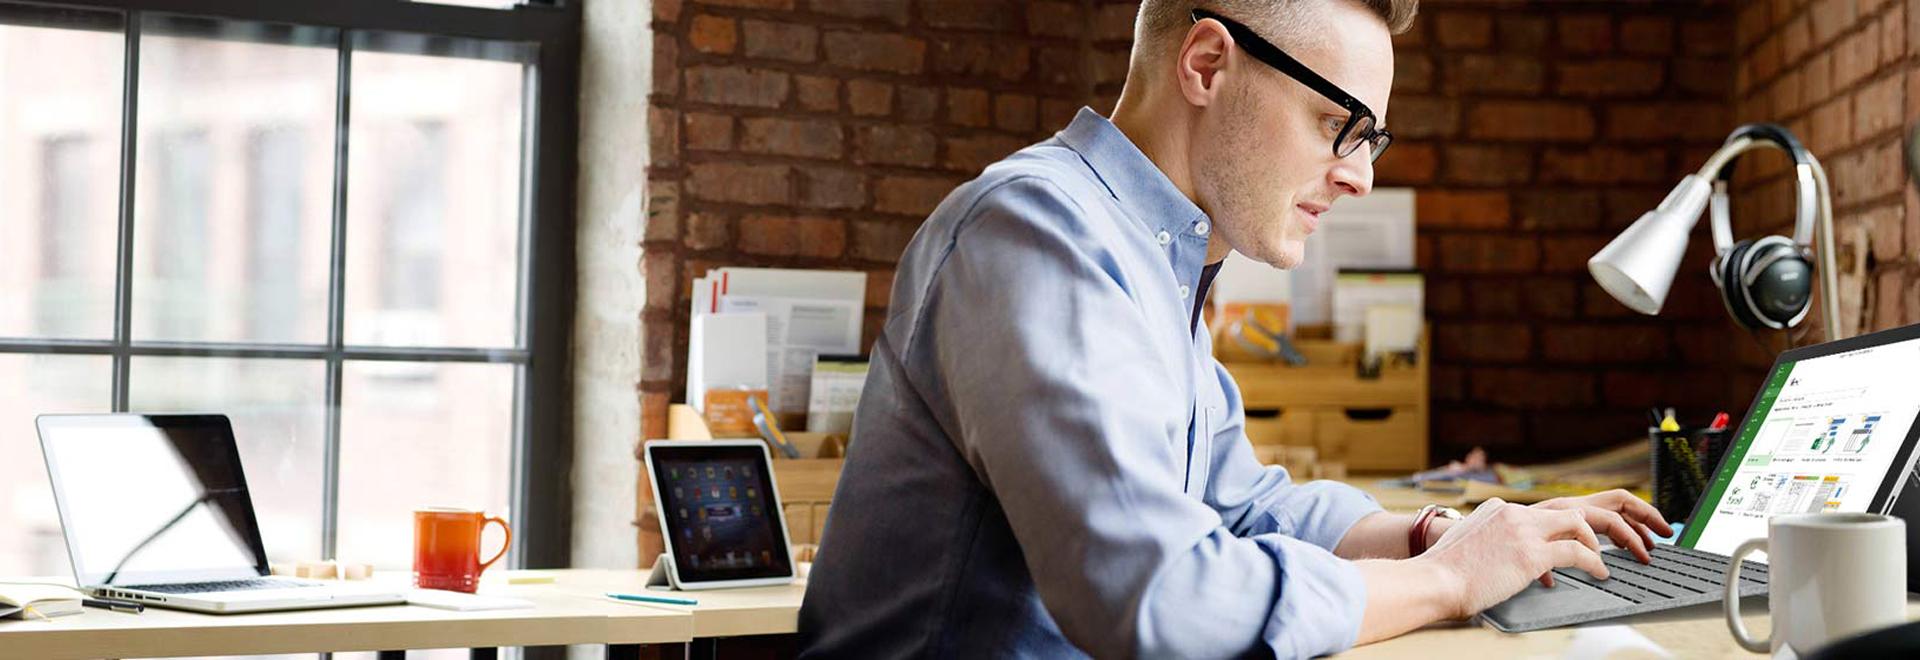 Muž sediaci za stolom a pracujúci na tablete Surface v Microsoft Projecte.